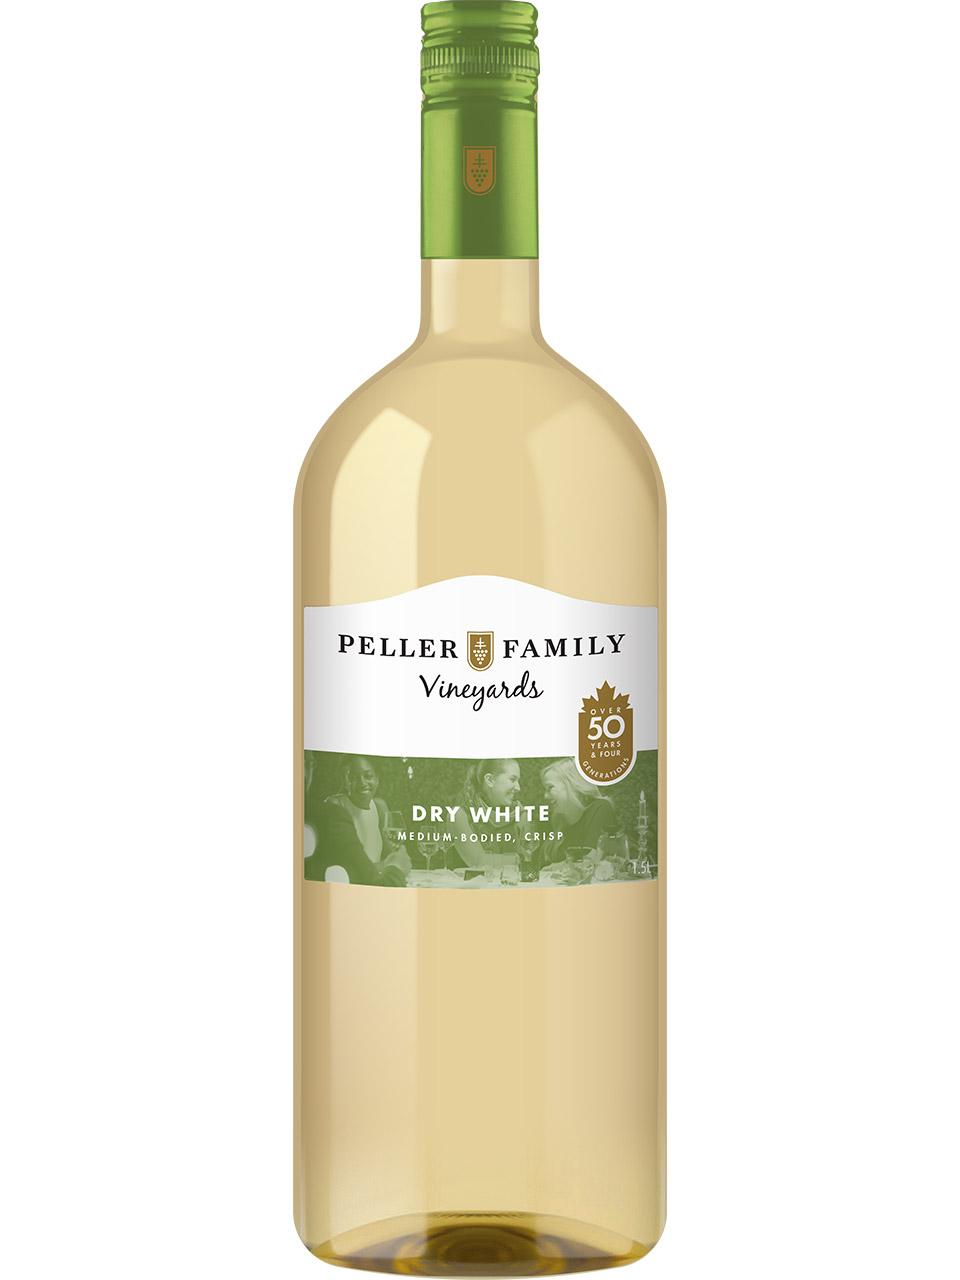 Peller Family Vineyards Dry White